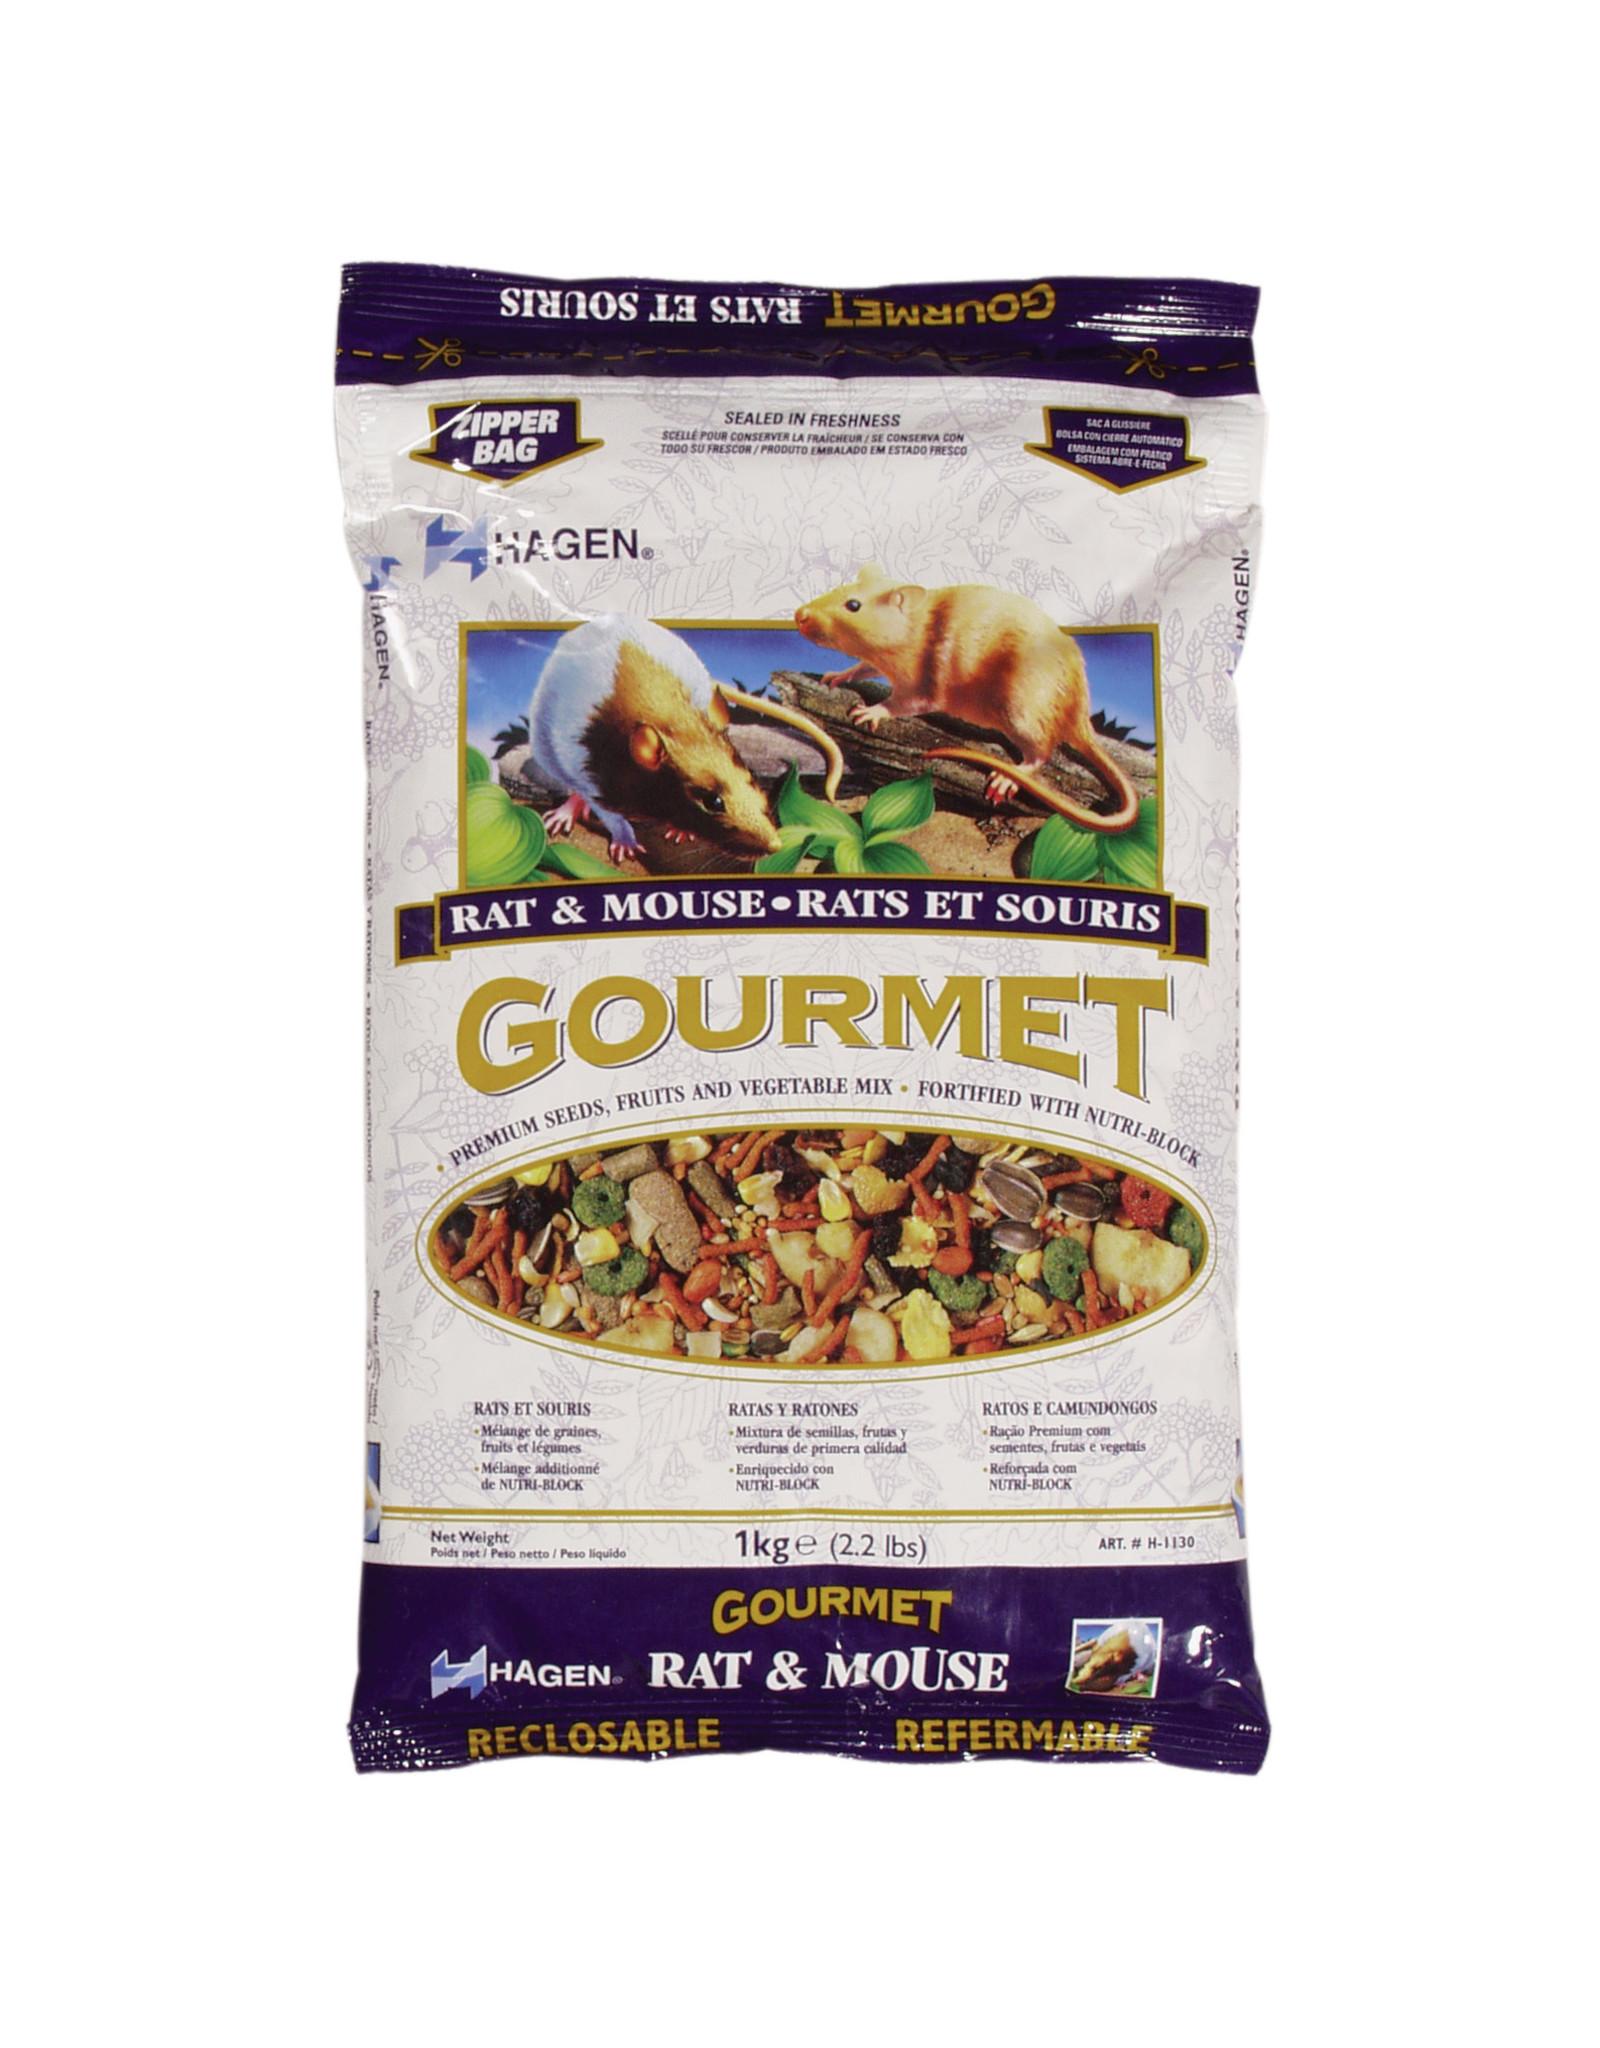 Hagen Hagen Rat and Mouse Gourmet Mix - 1 kg (2.2 lb)